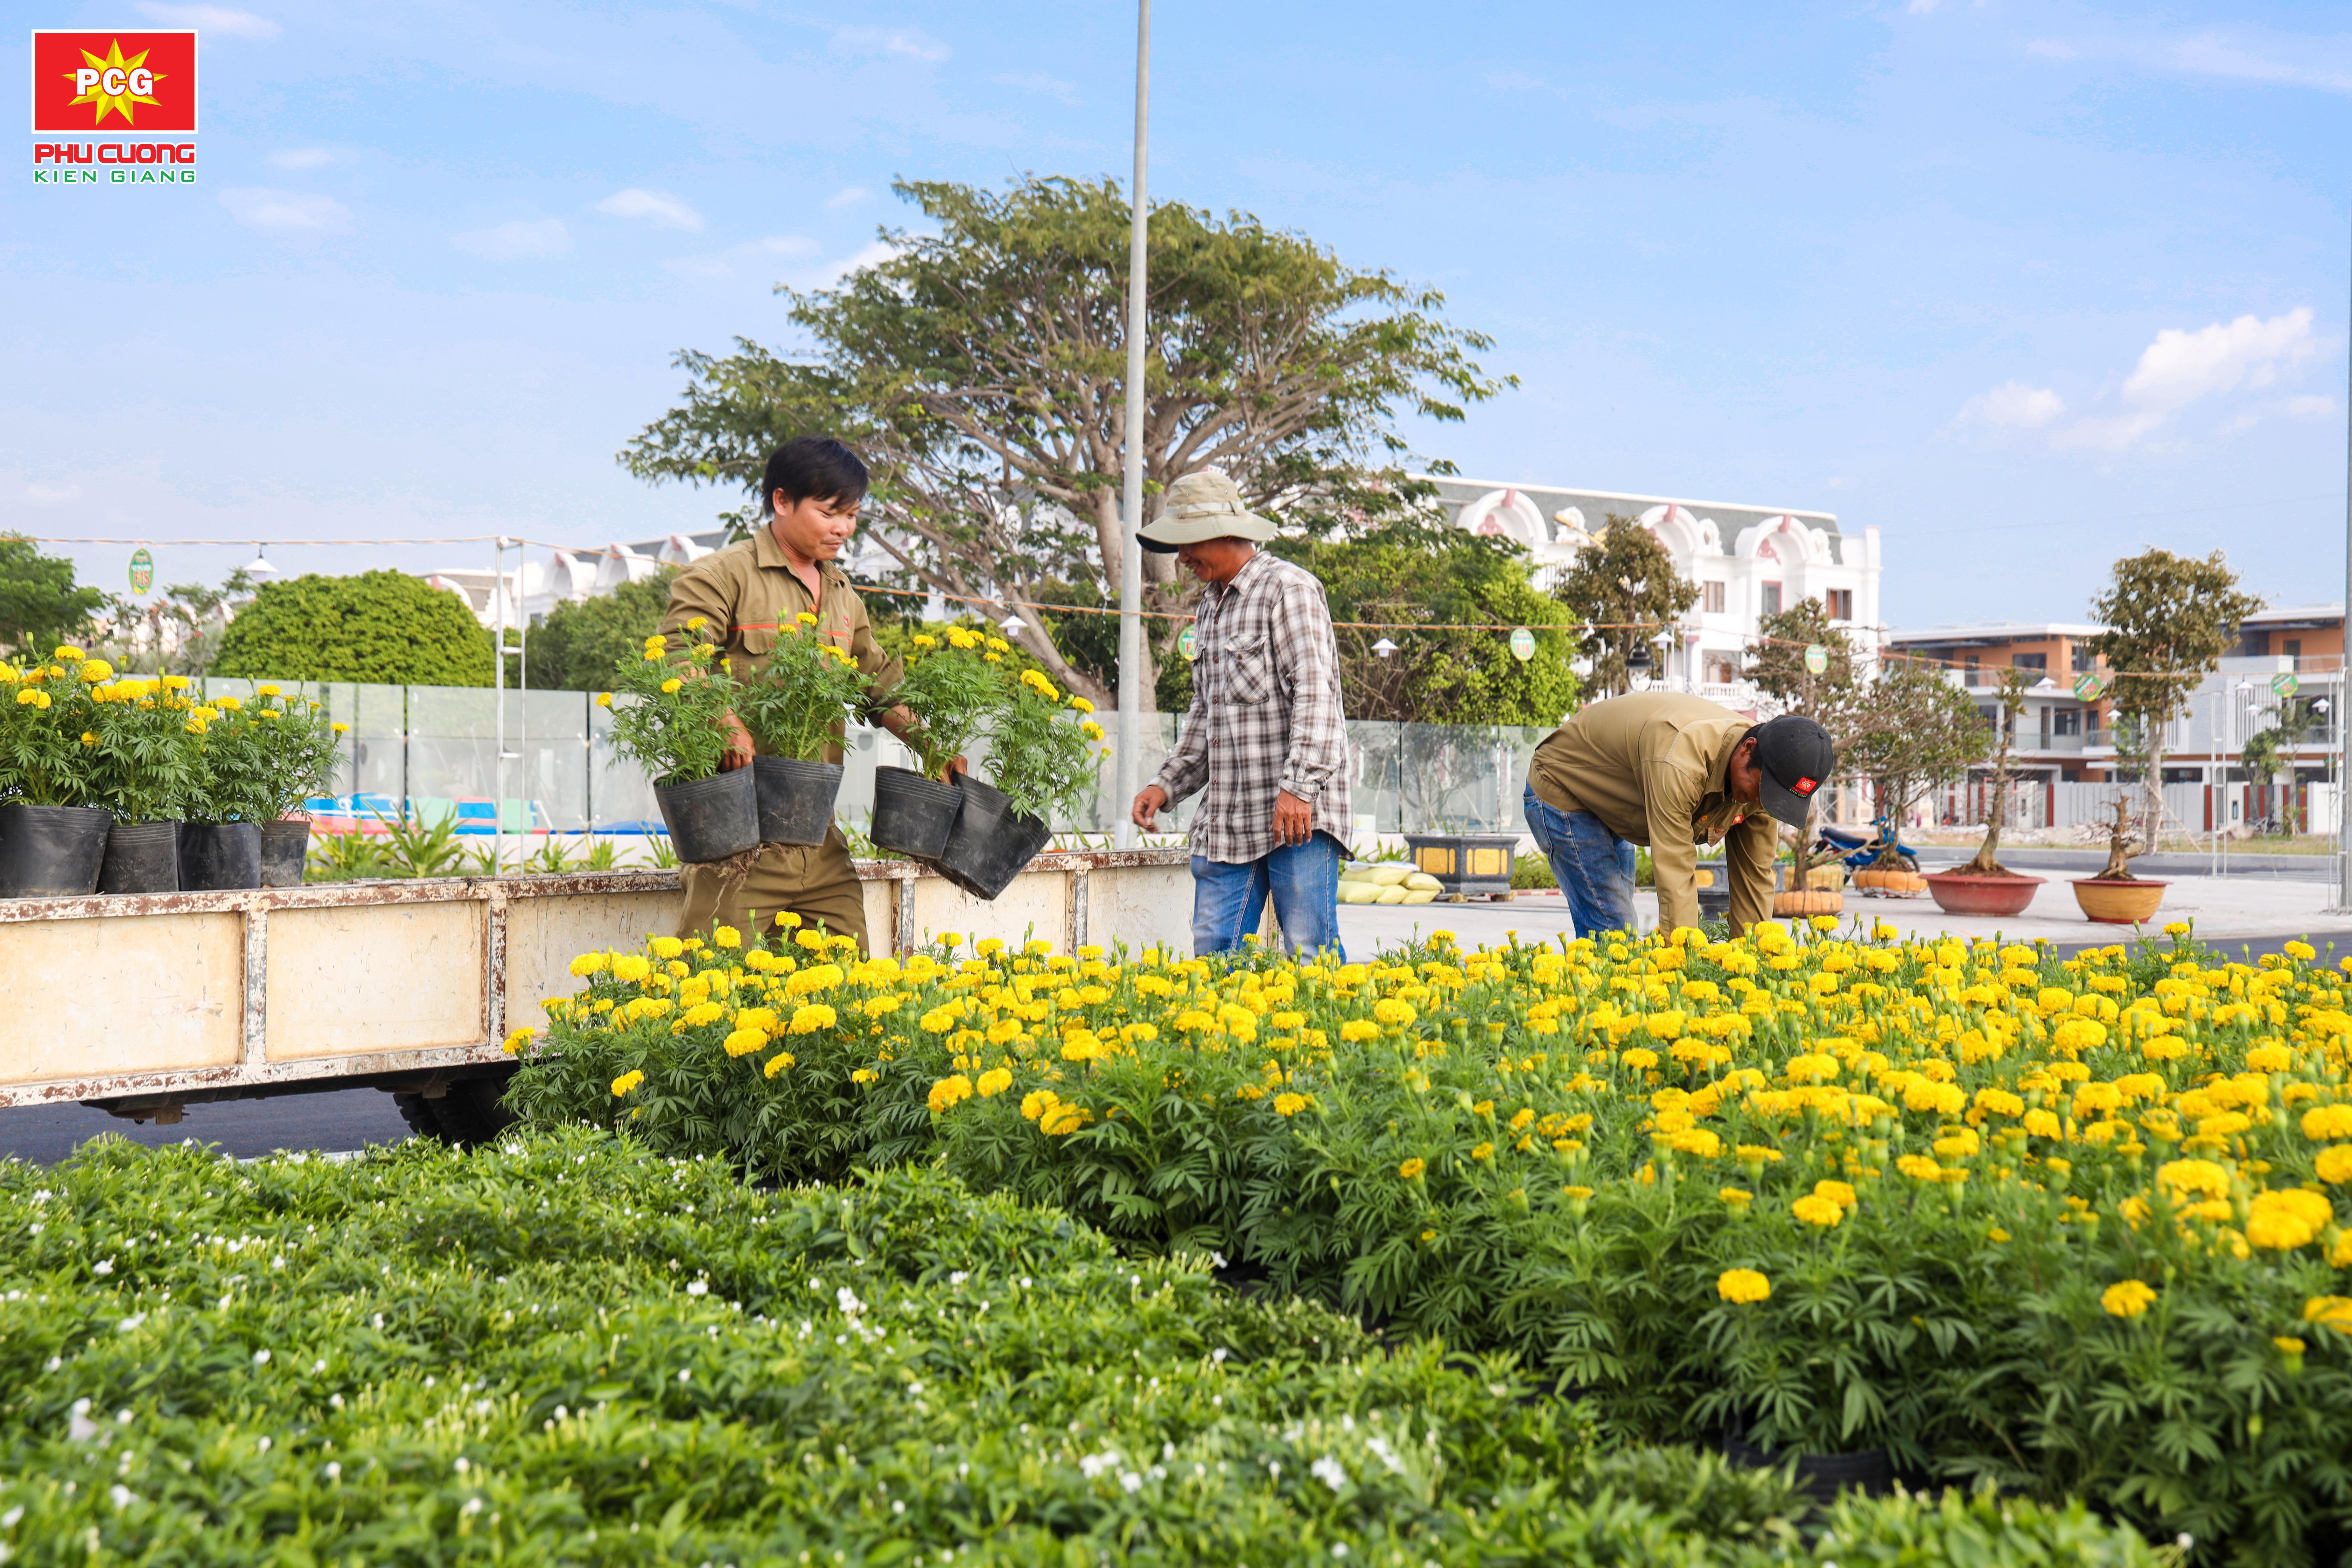 Hoa Mang Sắc Tết Về Khu Đô Thị Phú Cường